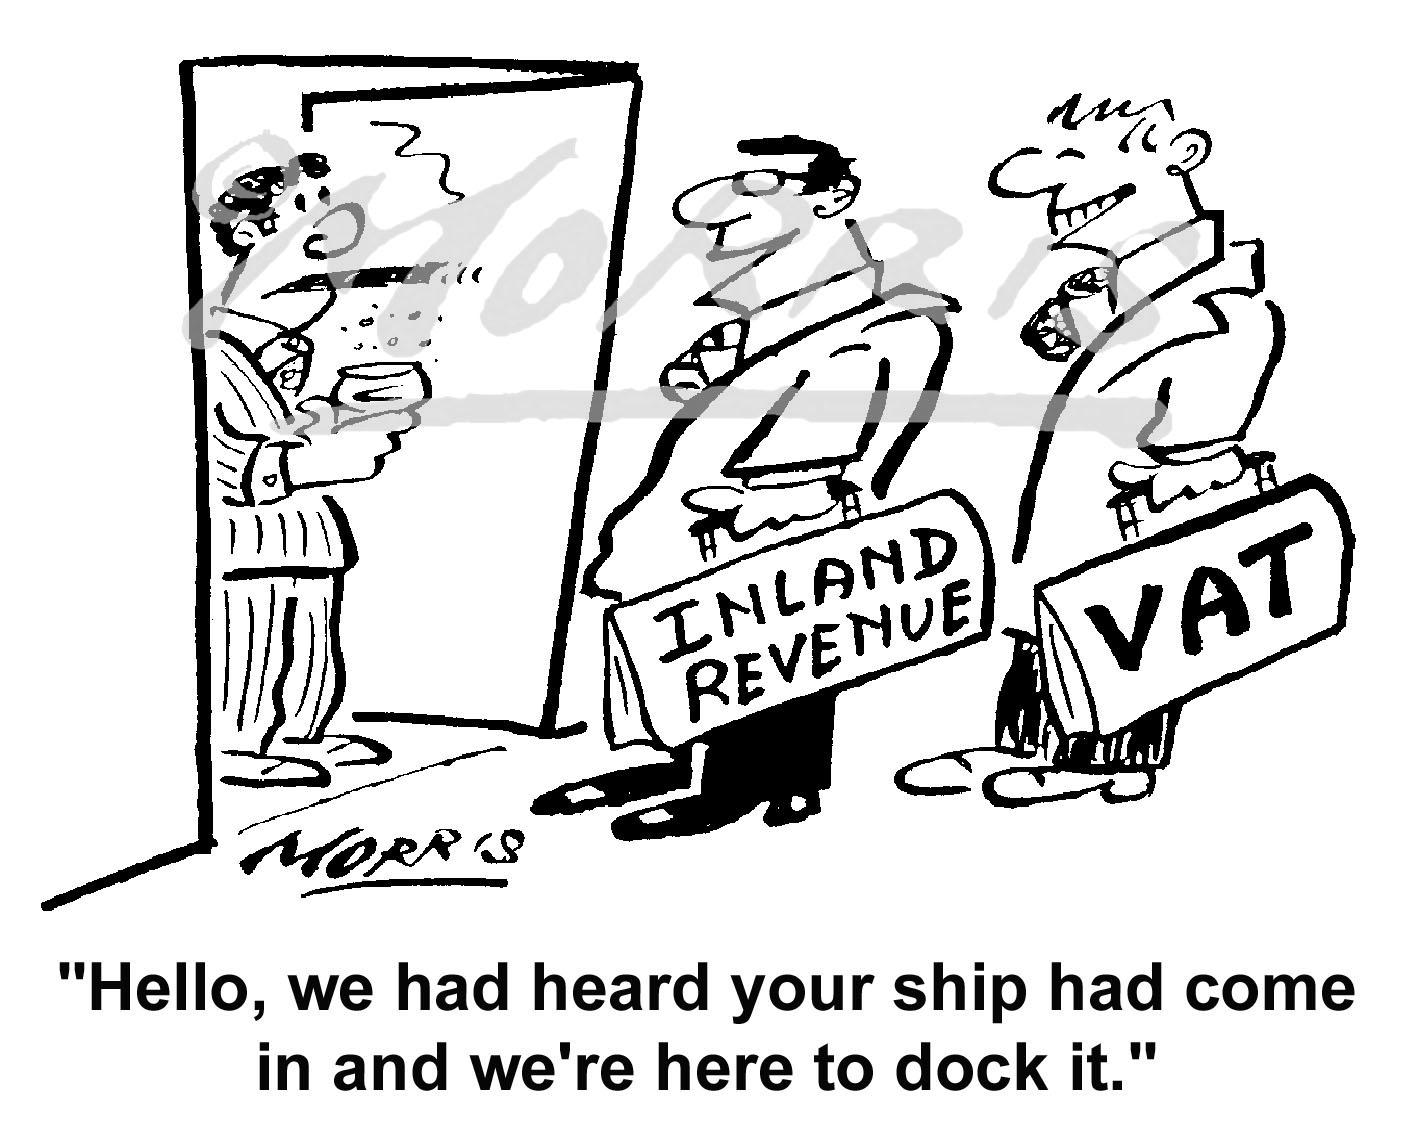 Tax cartoon – Ref: 3901bw